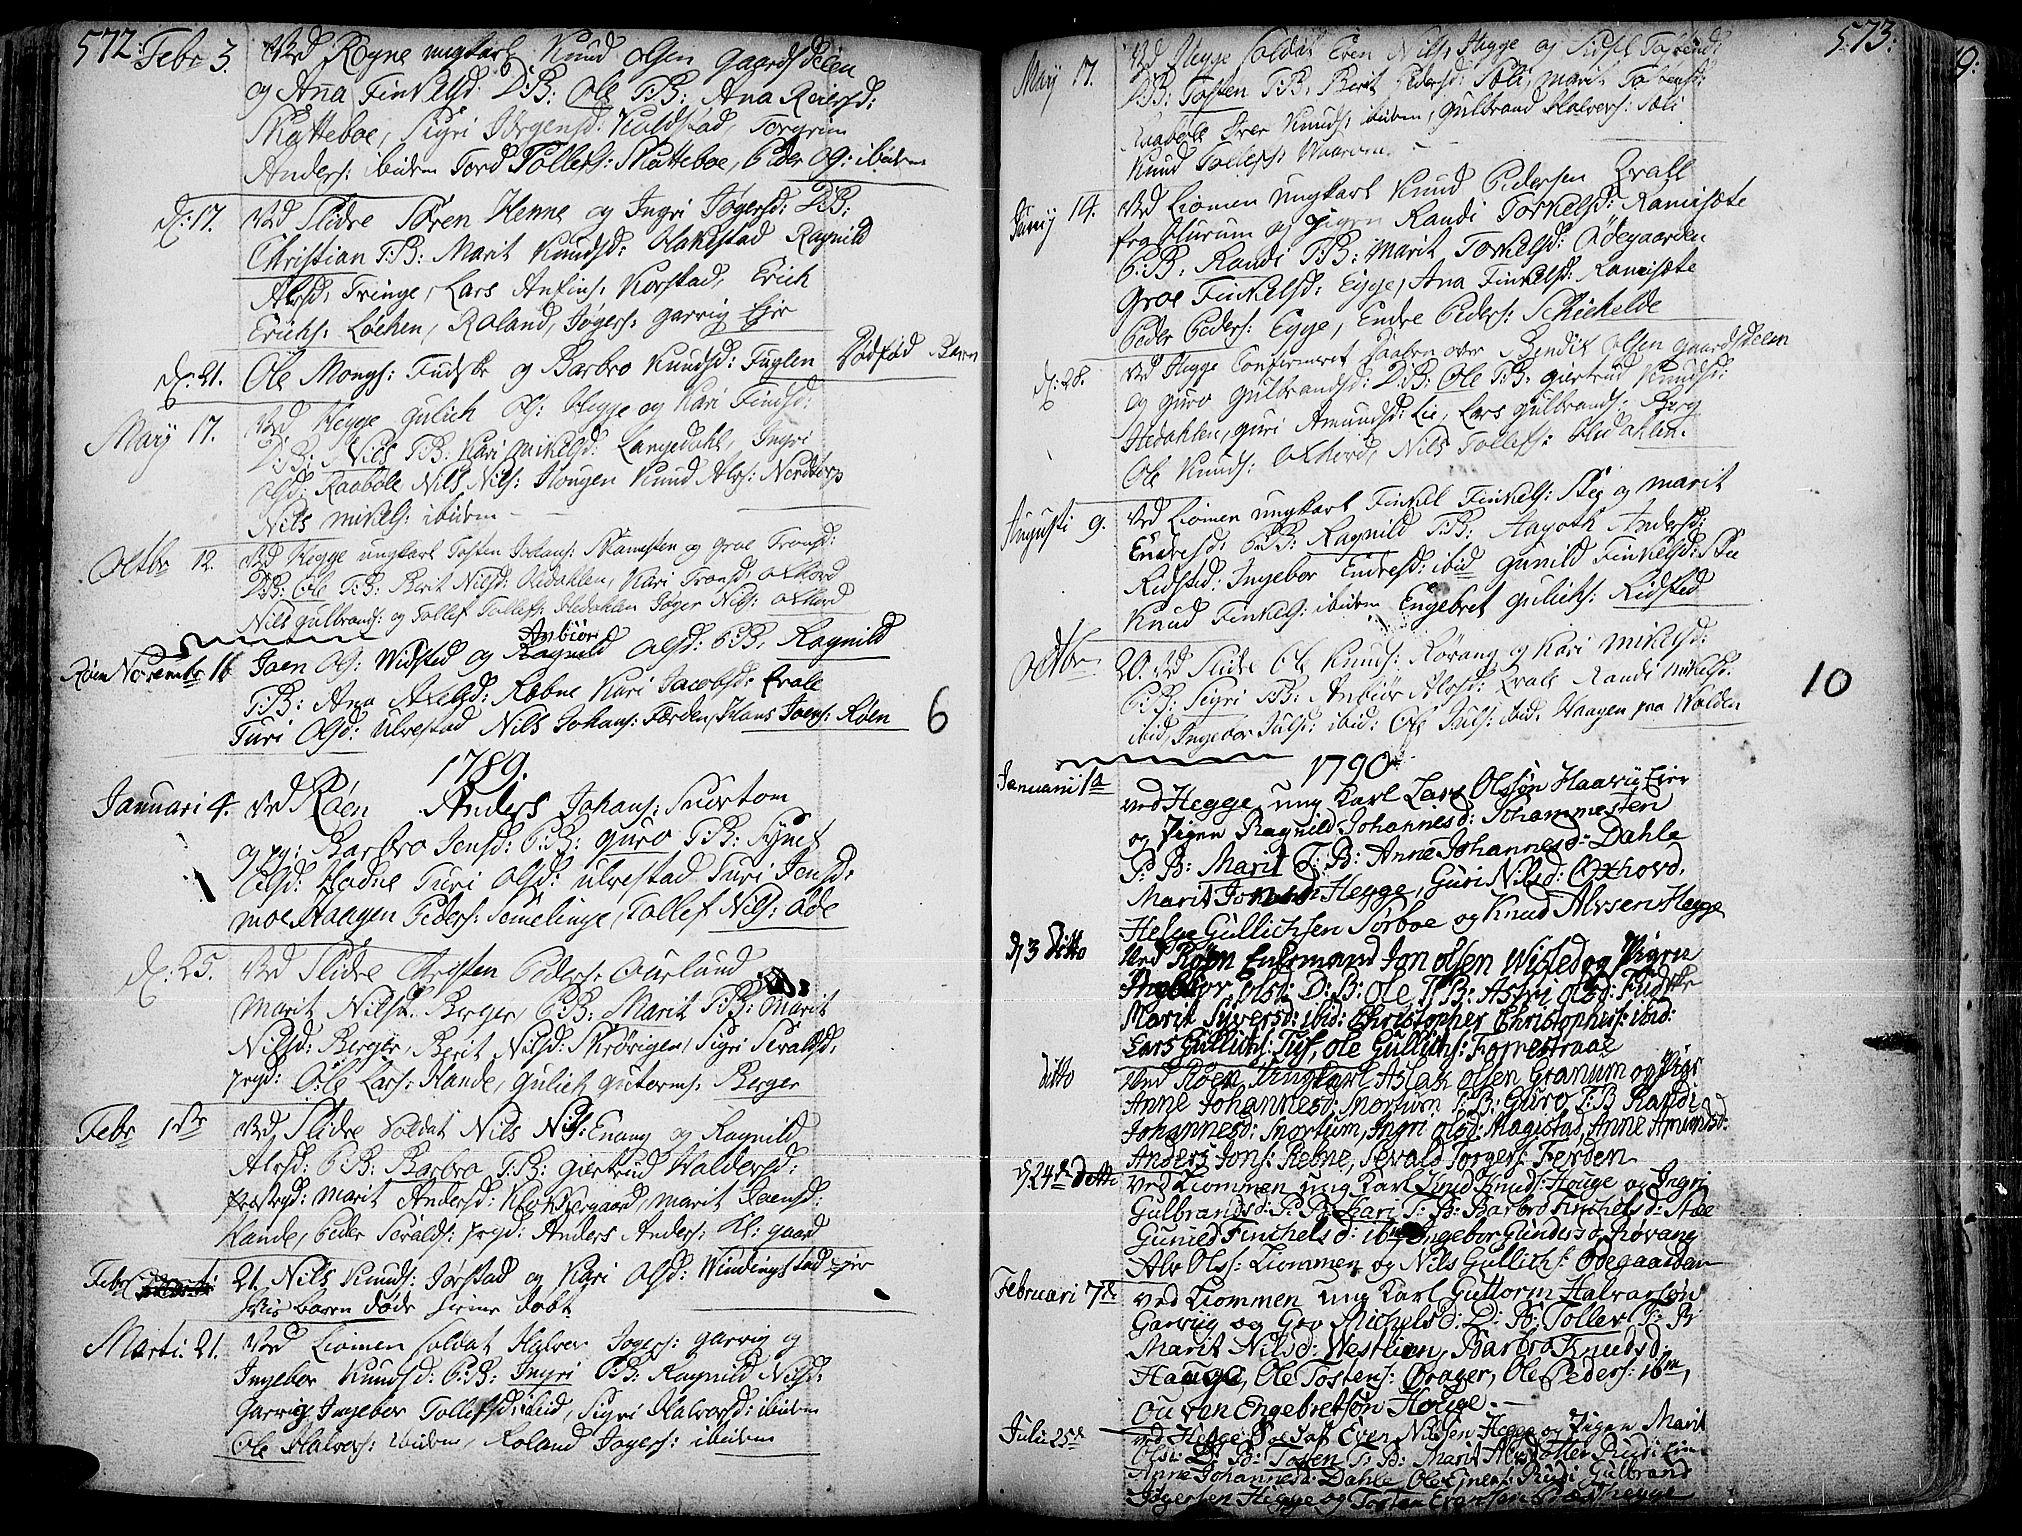 SAH, Slidre prestekontor, Ministerialbok nr. 1, 1724-1814, s. 572-573